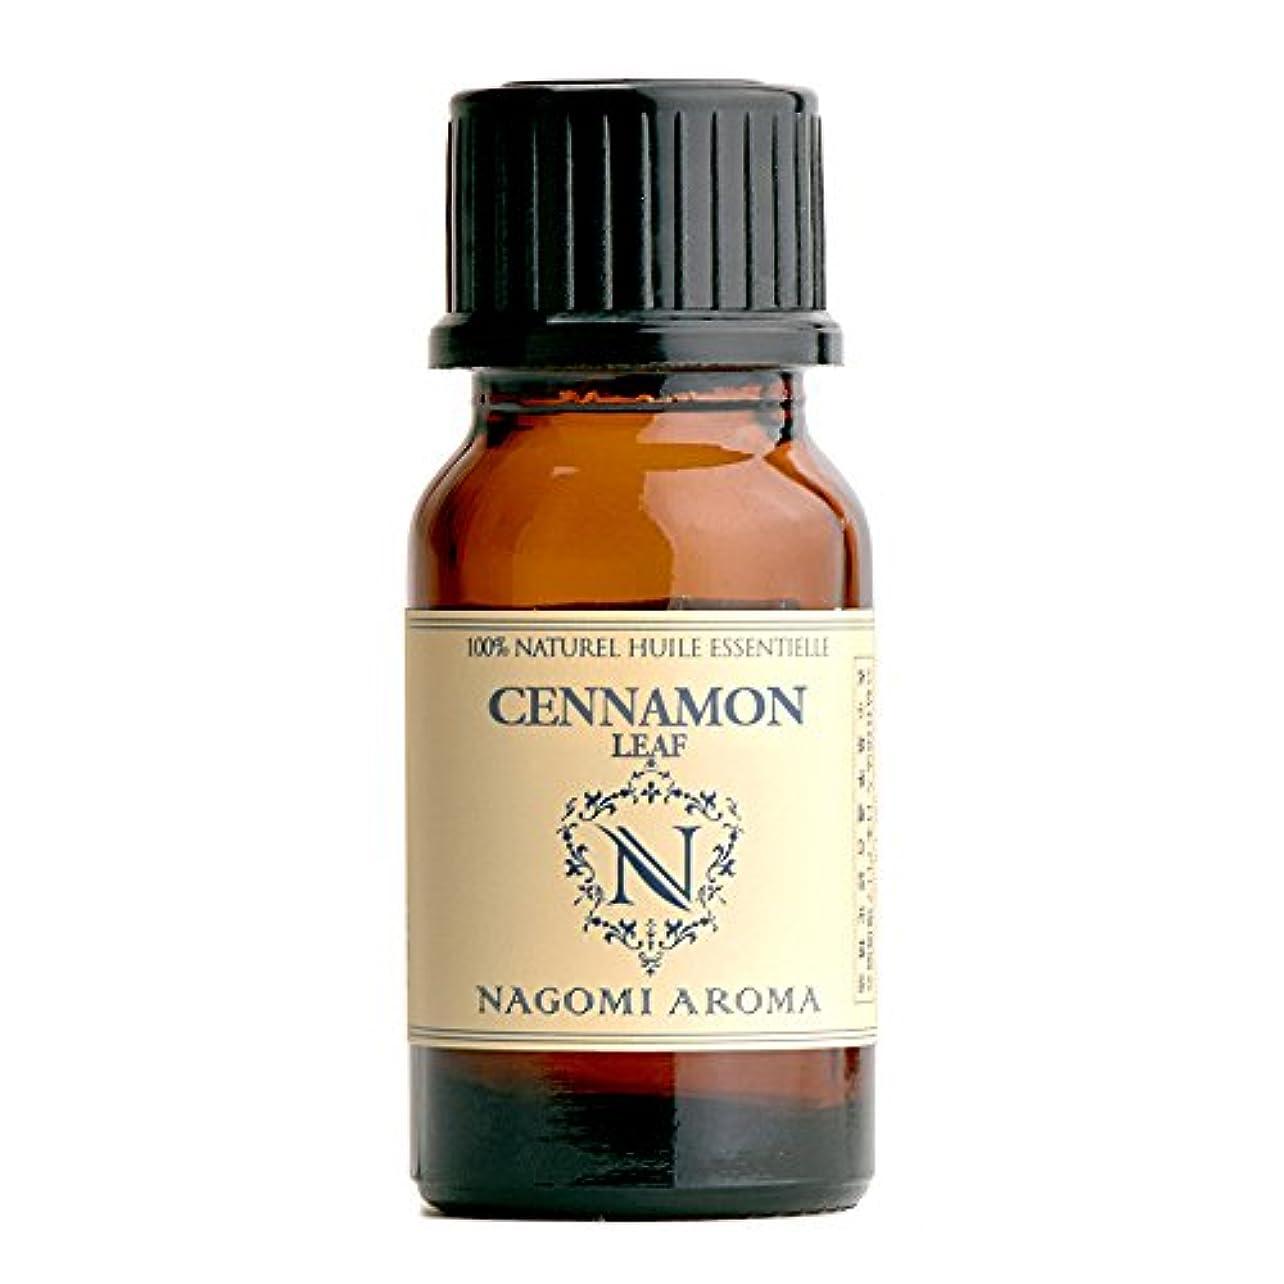 遺伝子逃す目的NAGOMI AROMA シナモンリーフ 10ml 【AEAJ認定精油】【アロマオイル】